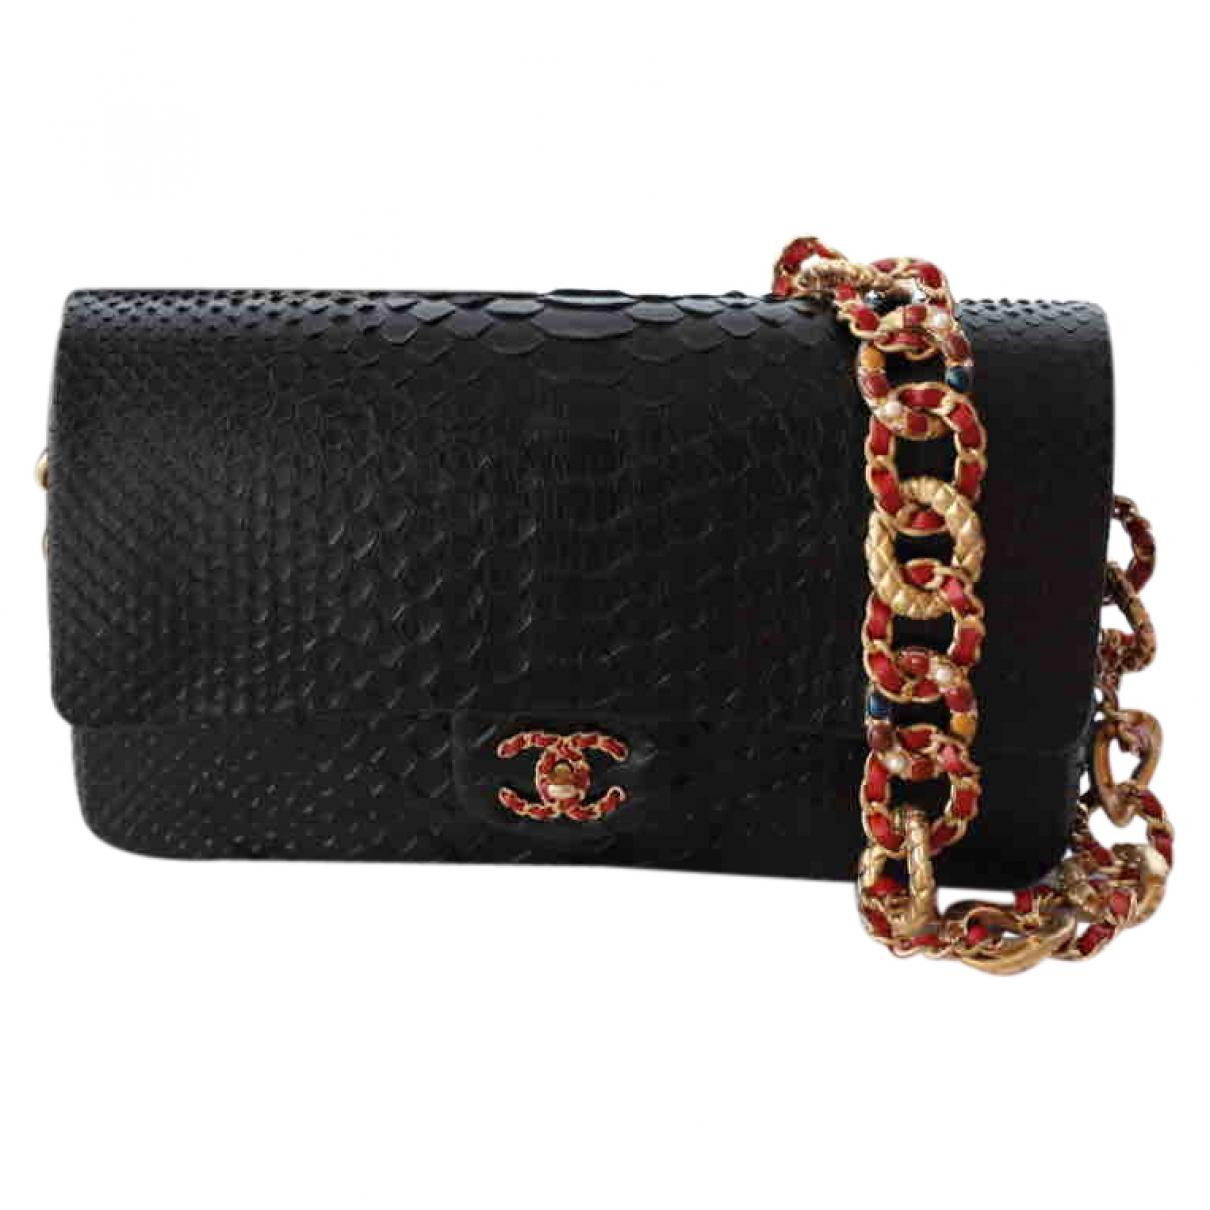 Chanel - Sac a main Timeless/Classique pour femme en python - noir